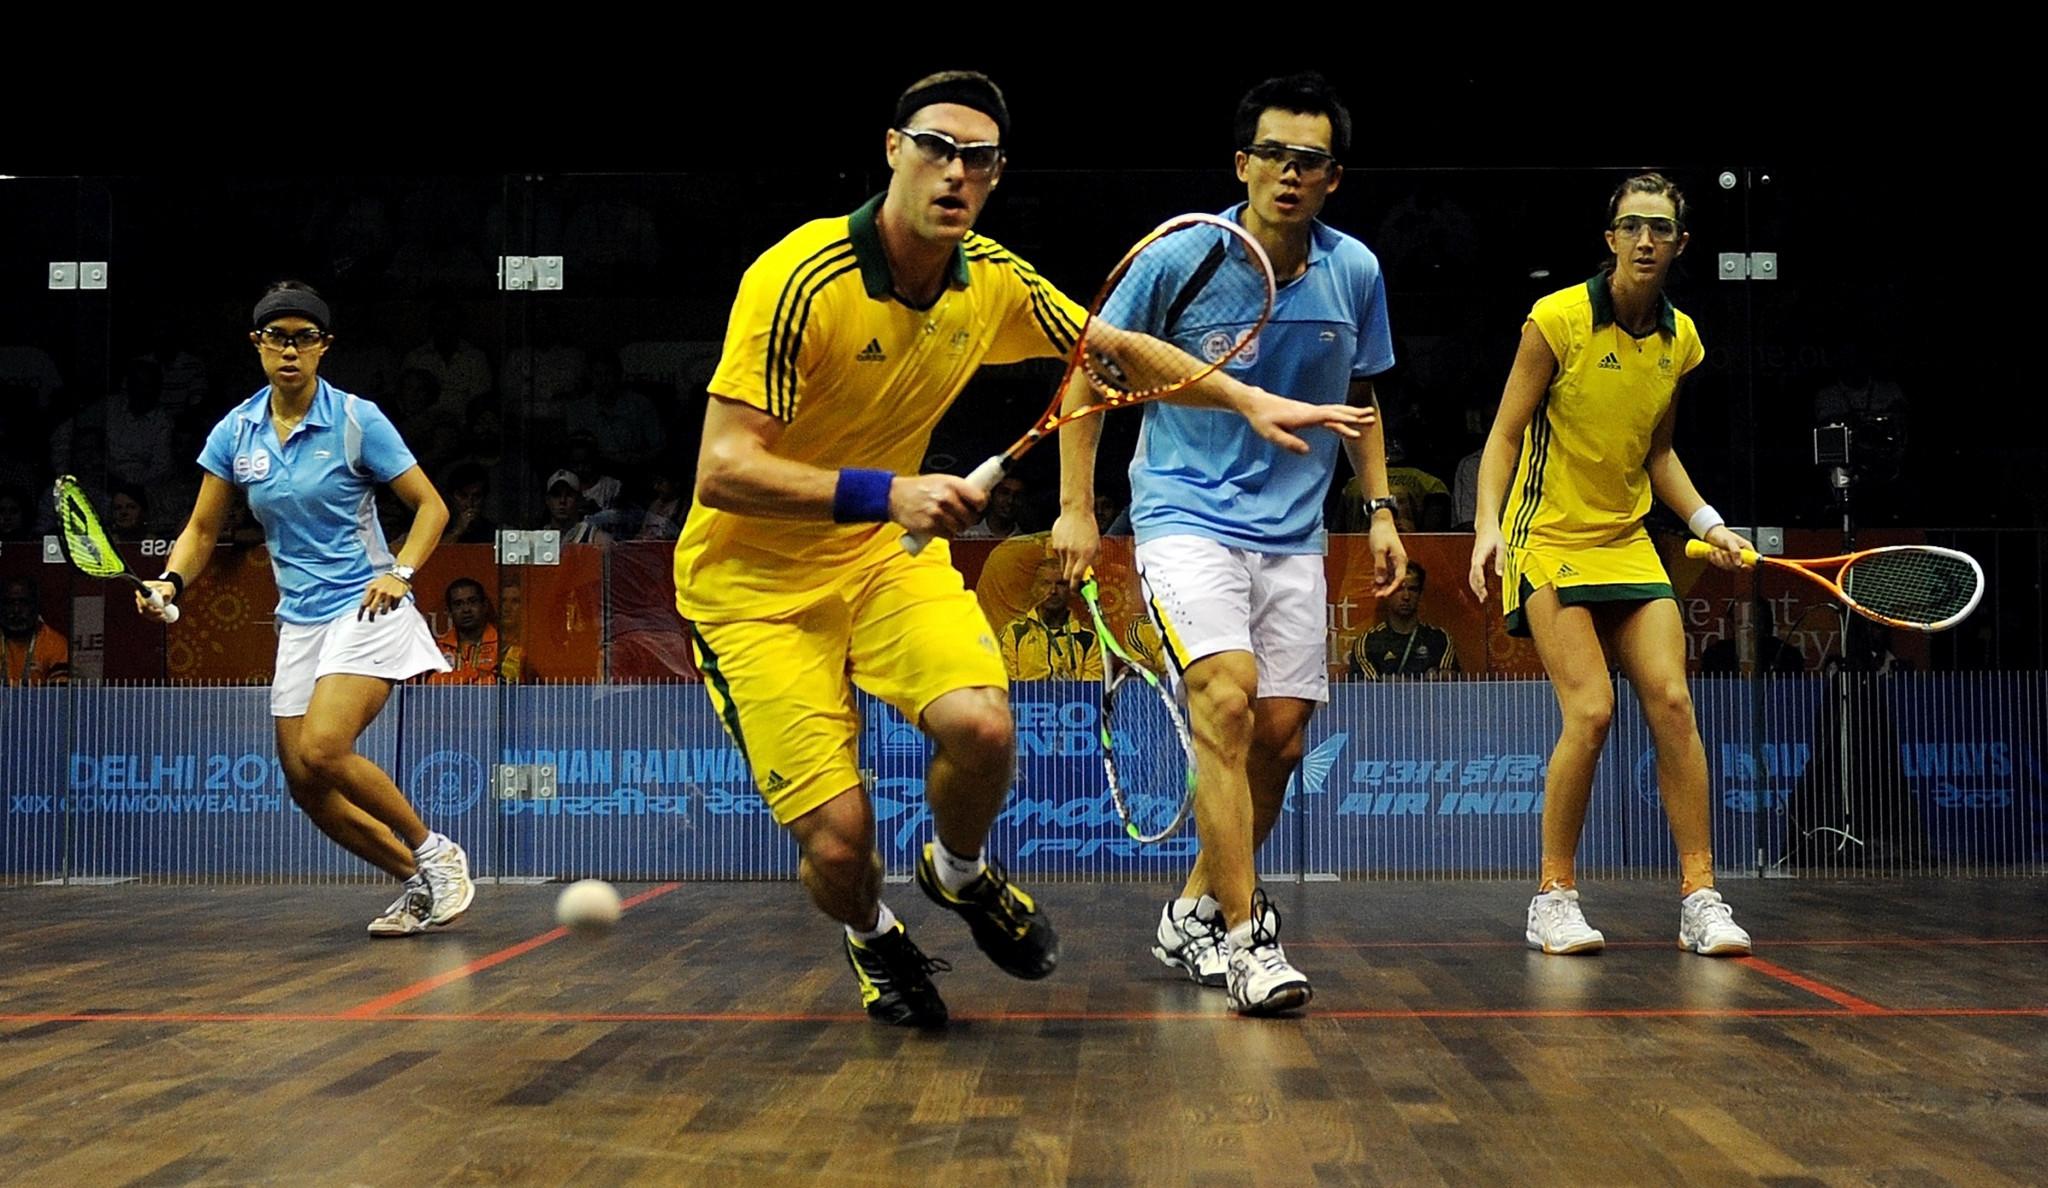 已退役的壁球天后妮歌大卫和王明喜,在2010年新德里共运会搭档征战混双,并拿下铜牌。-摘自网络-